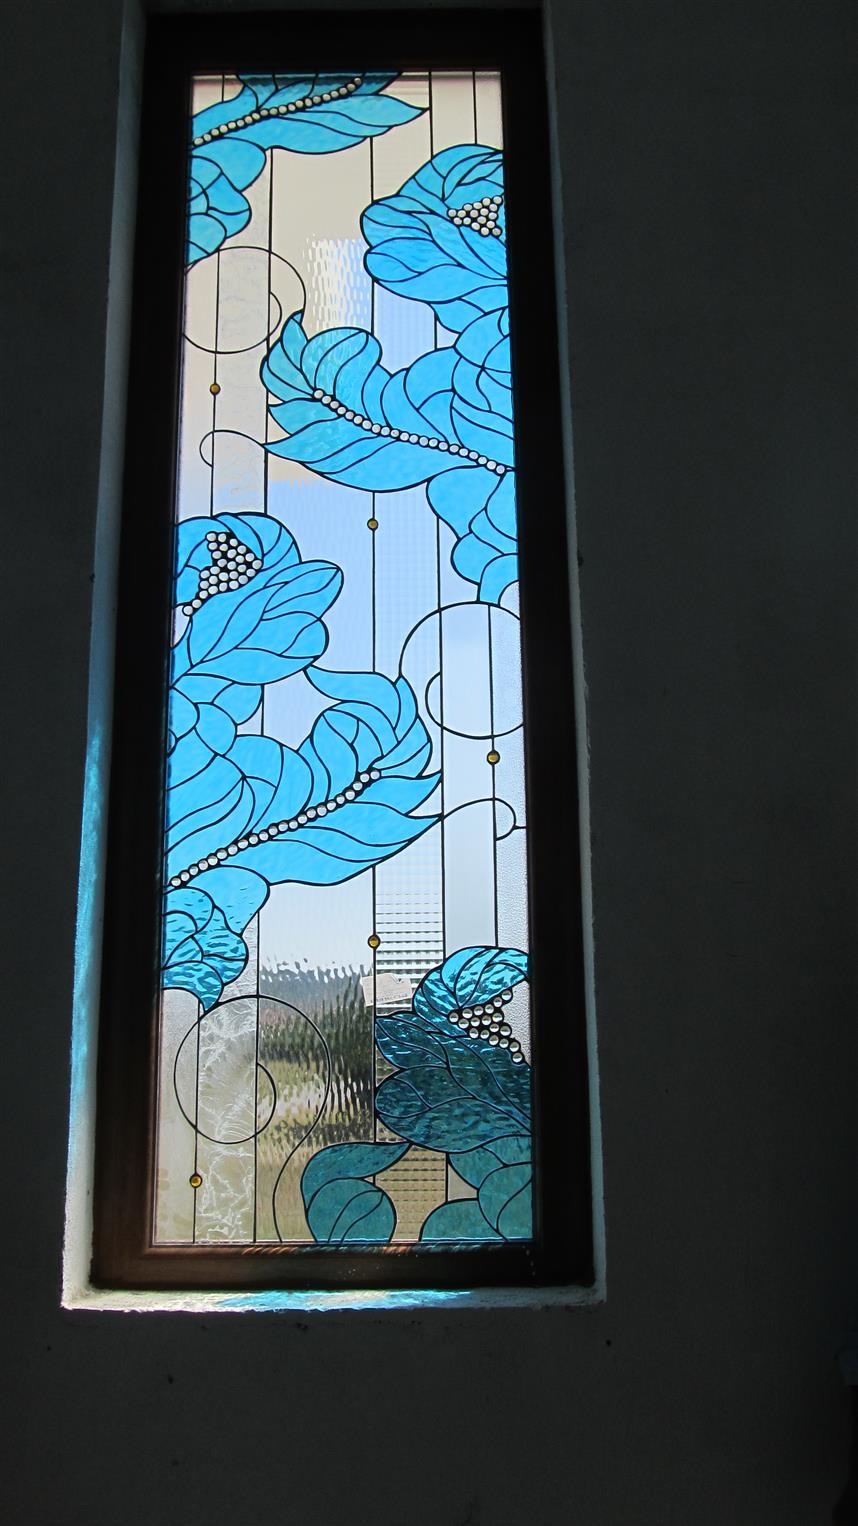 urla-evleri-vitray-calismasi20165214501634.jpg izmir vitray çalışması